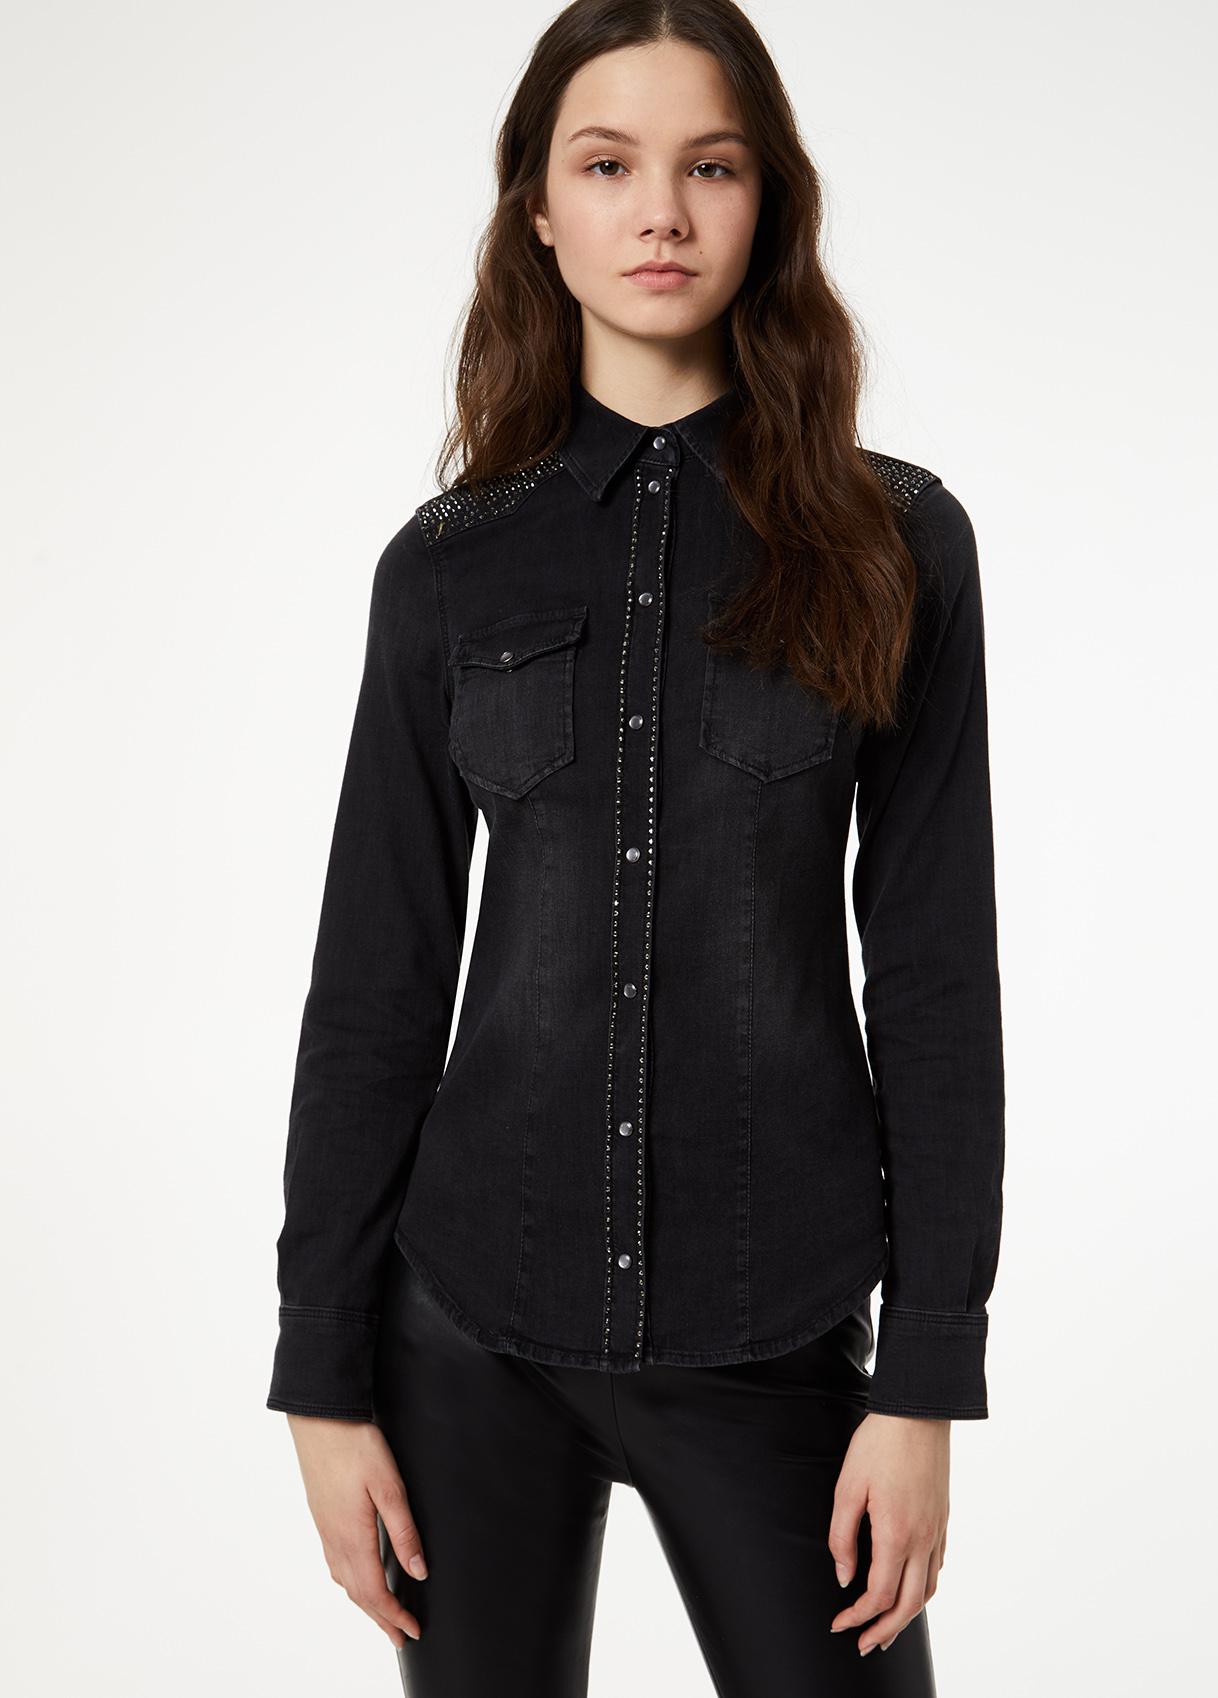 Camisa de ganga preta feminina Liu Jo